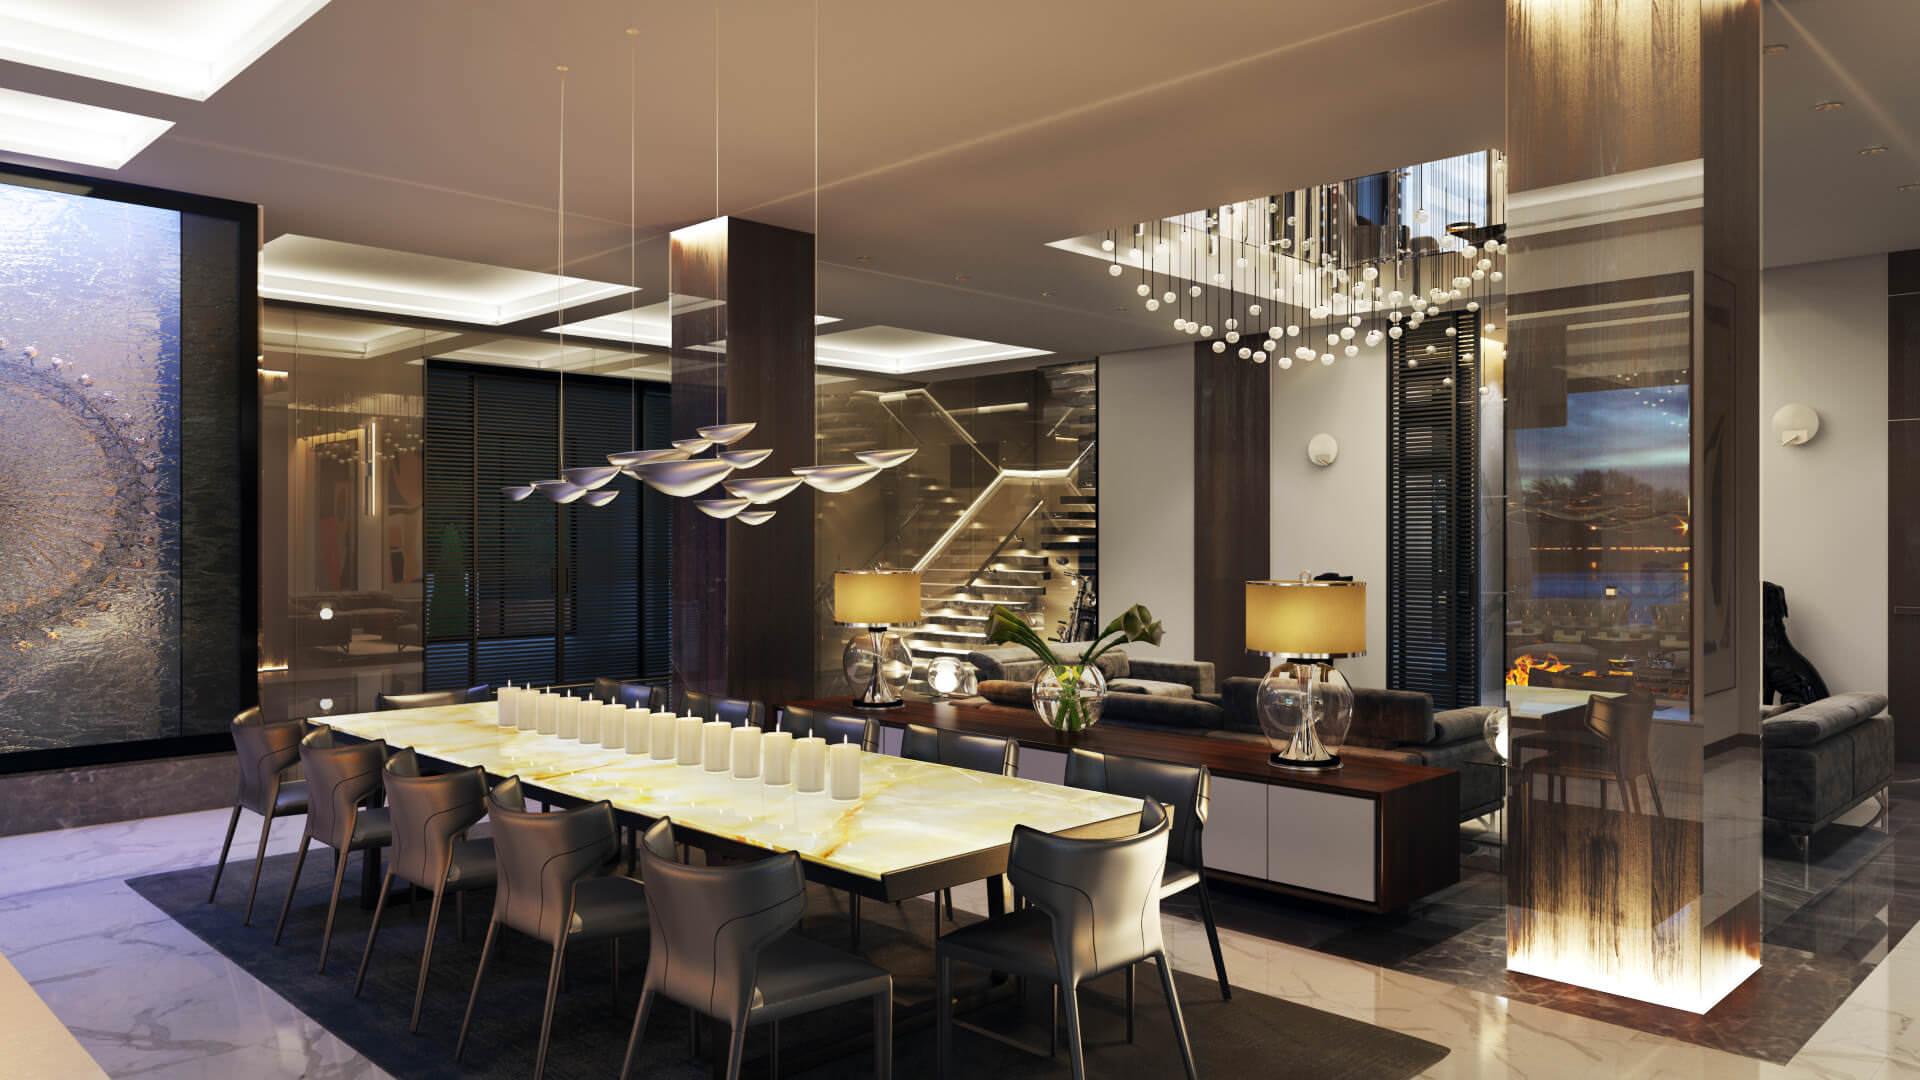 Photorealistic 3D Visualization for a Studio Interior Design